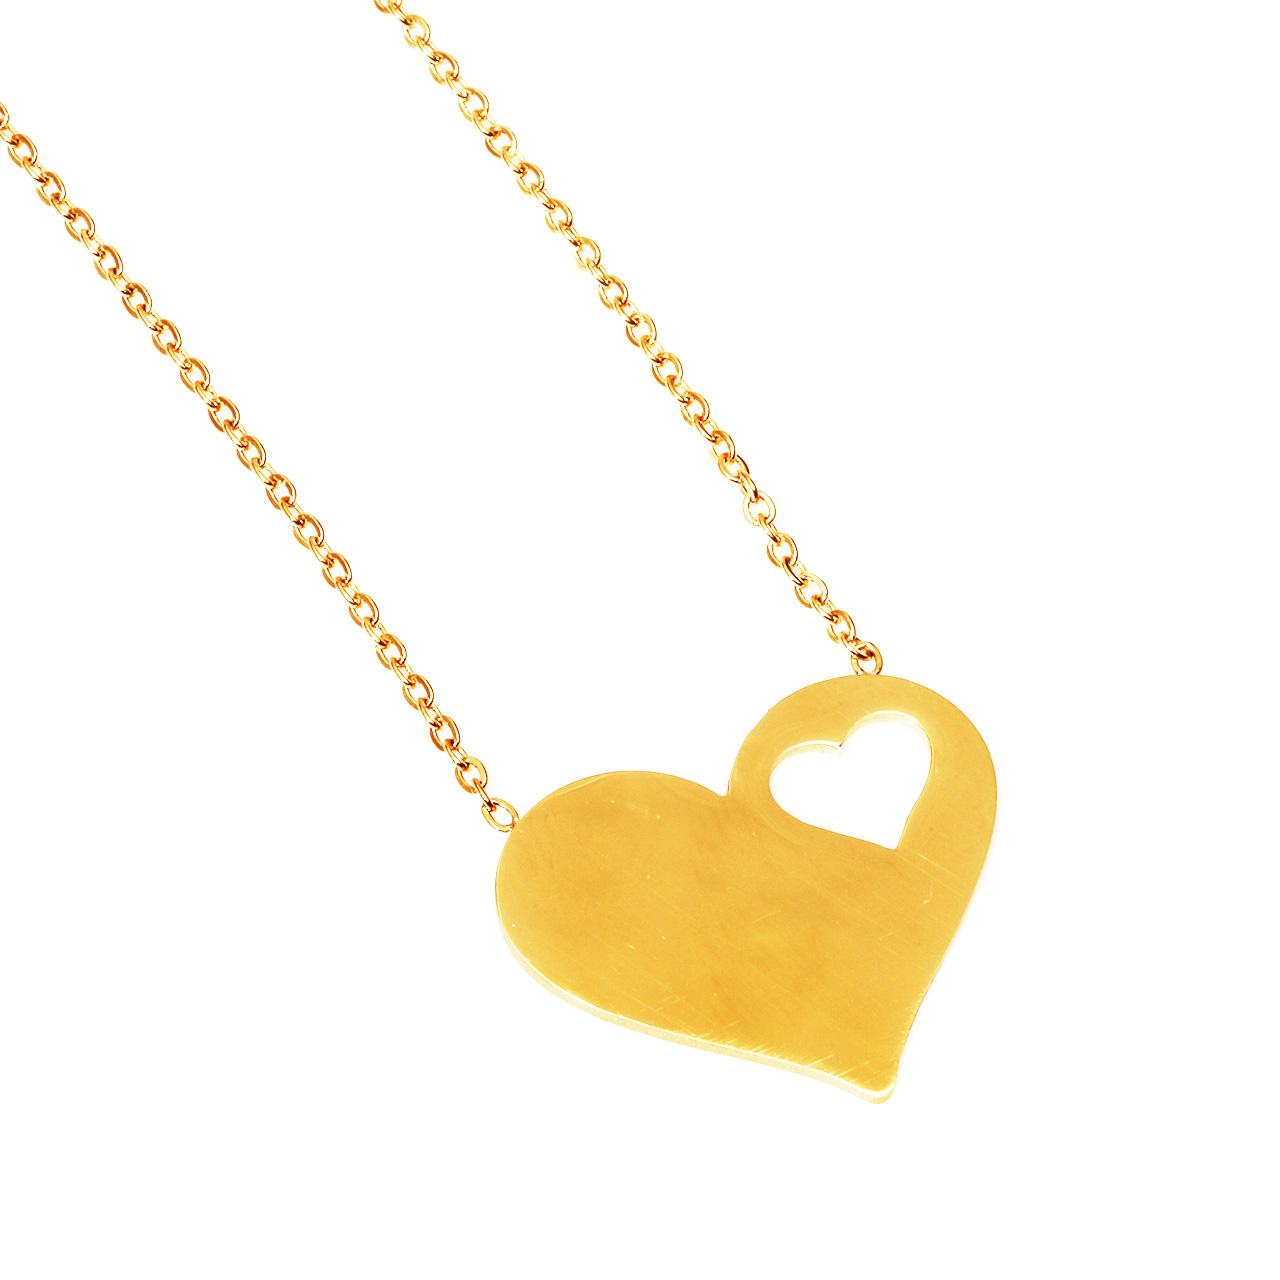 قیمت گردنبند شیک کده طرح قلب کد 1024